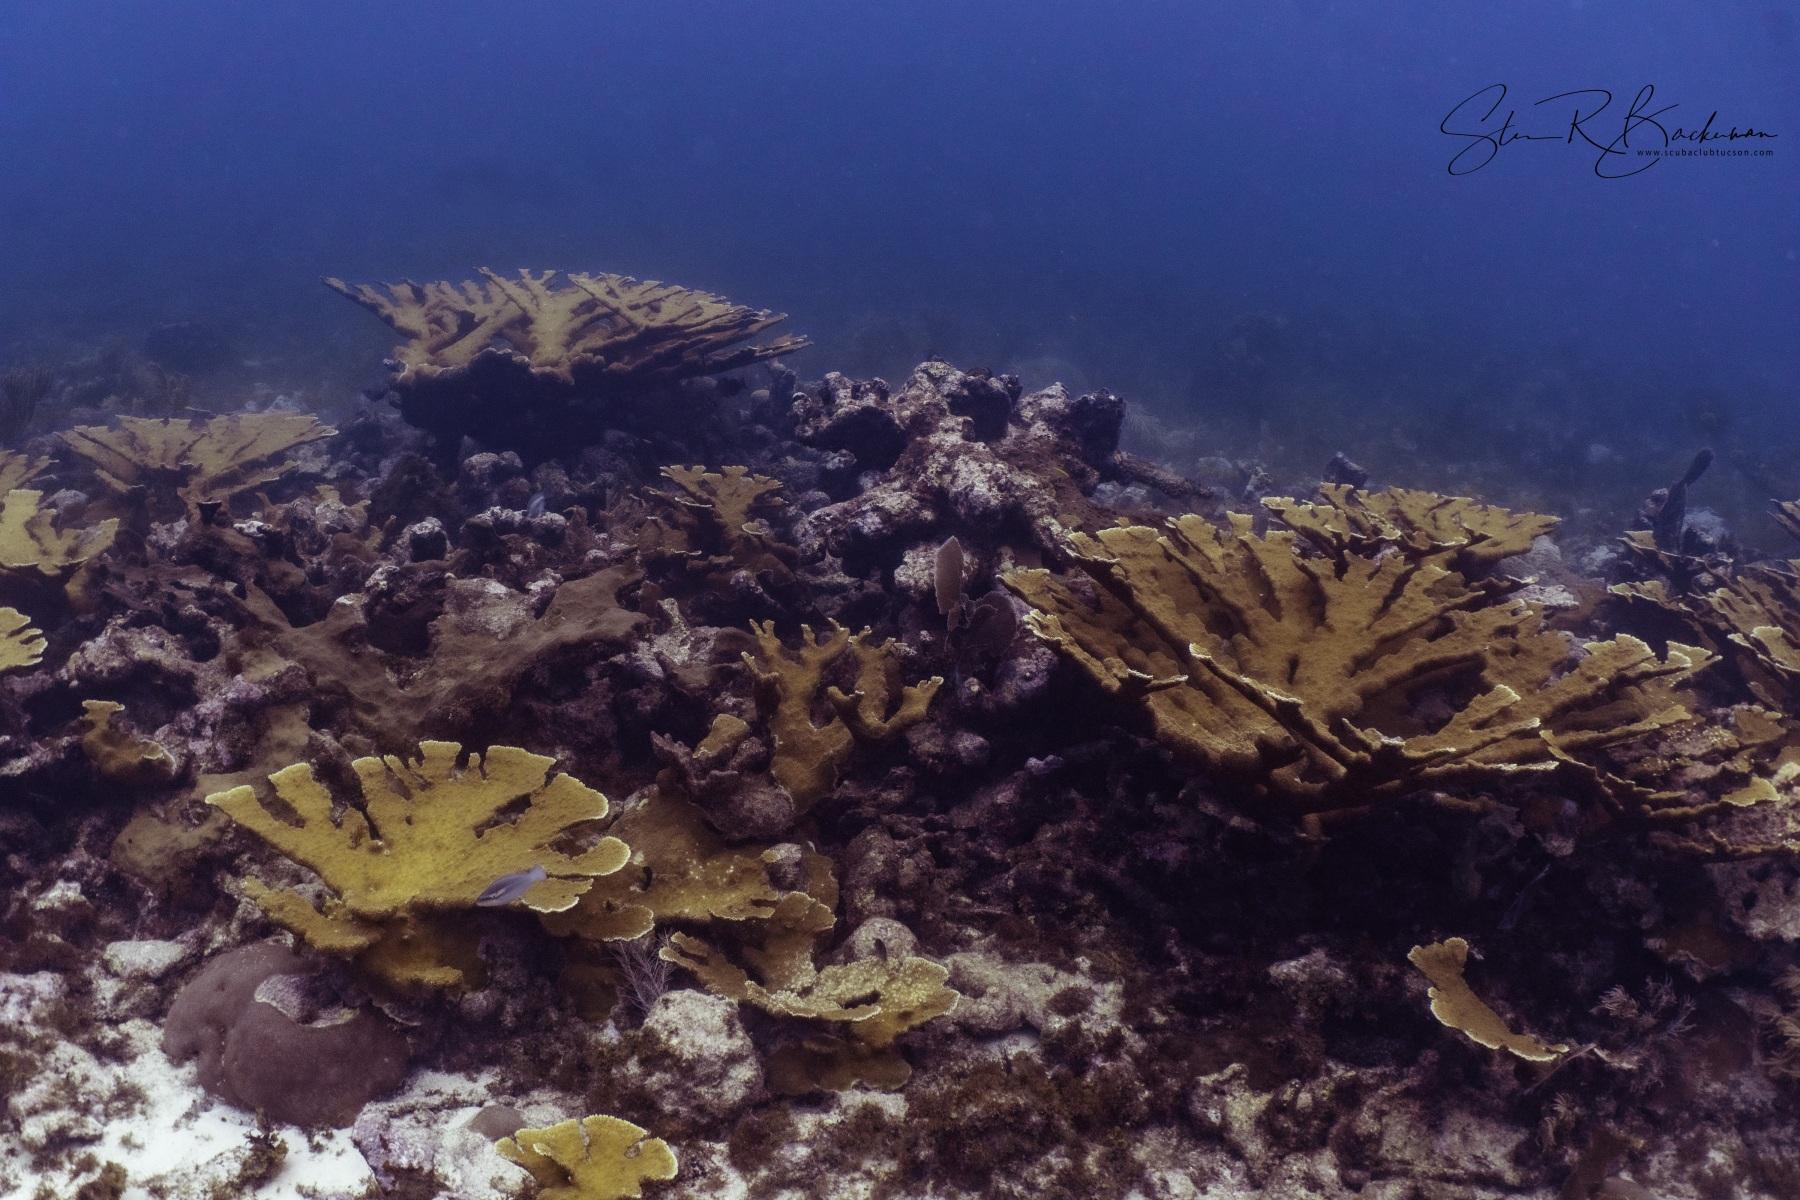 Elkhorn-Coral-Garden